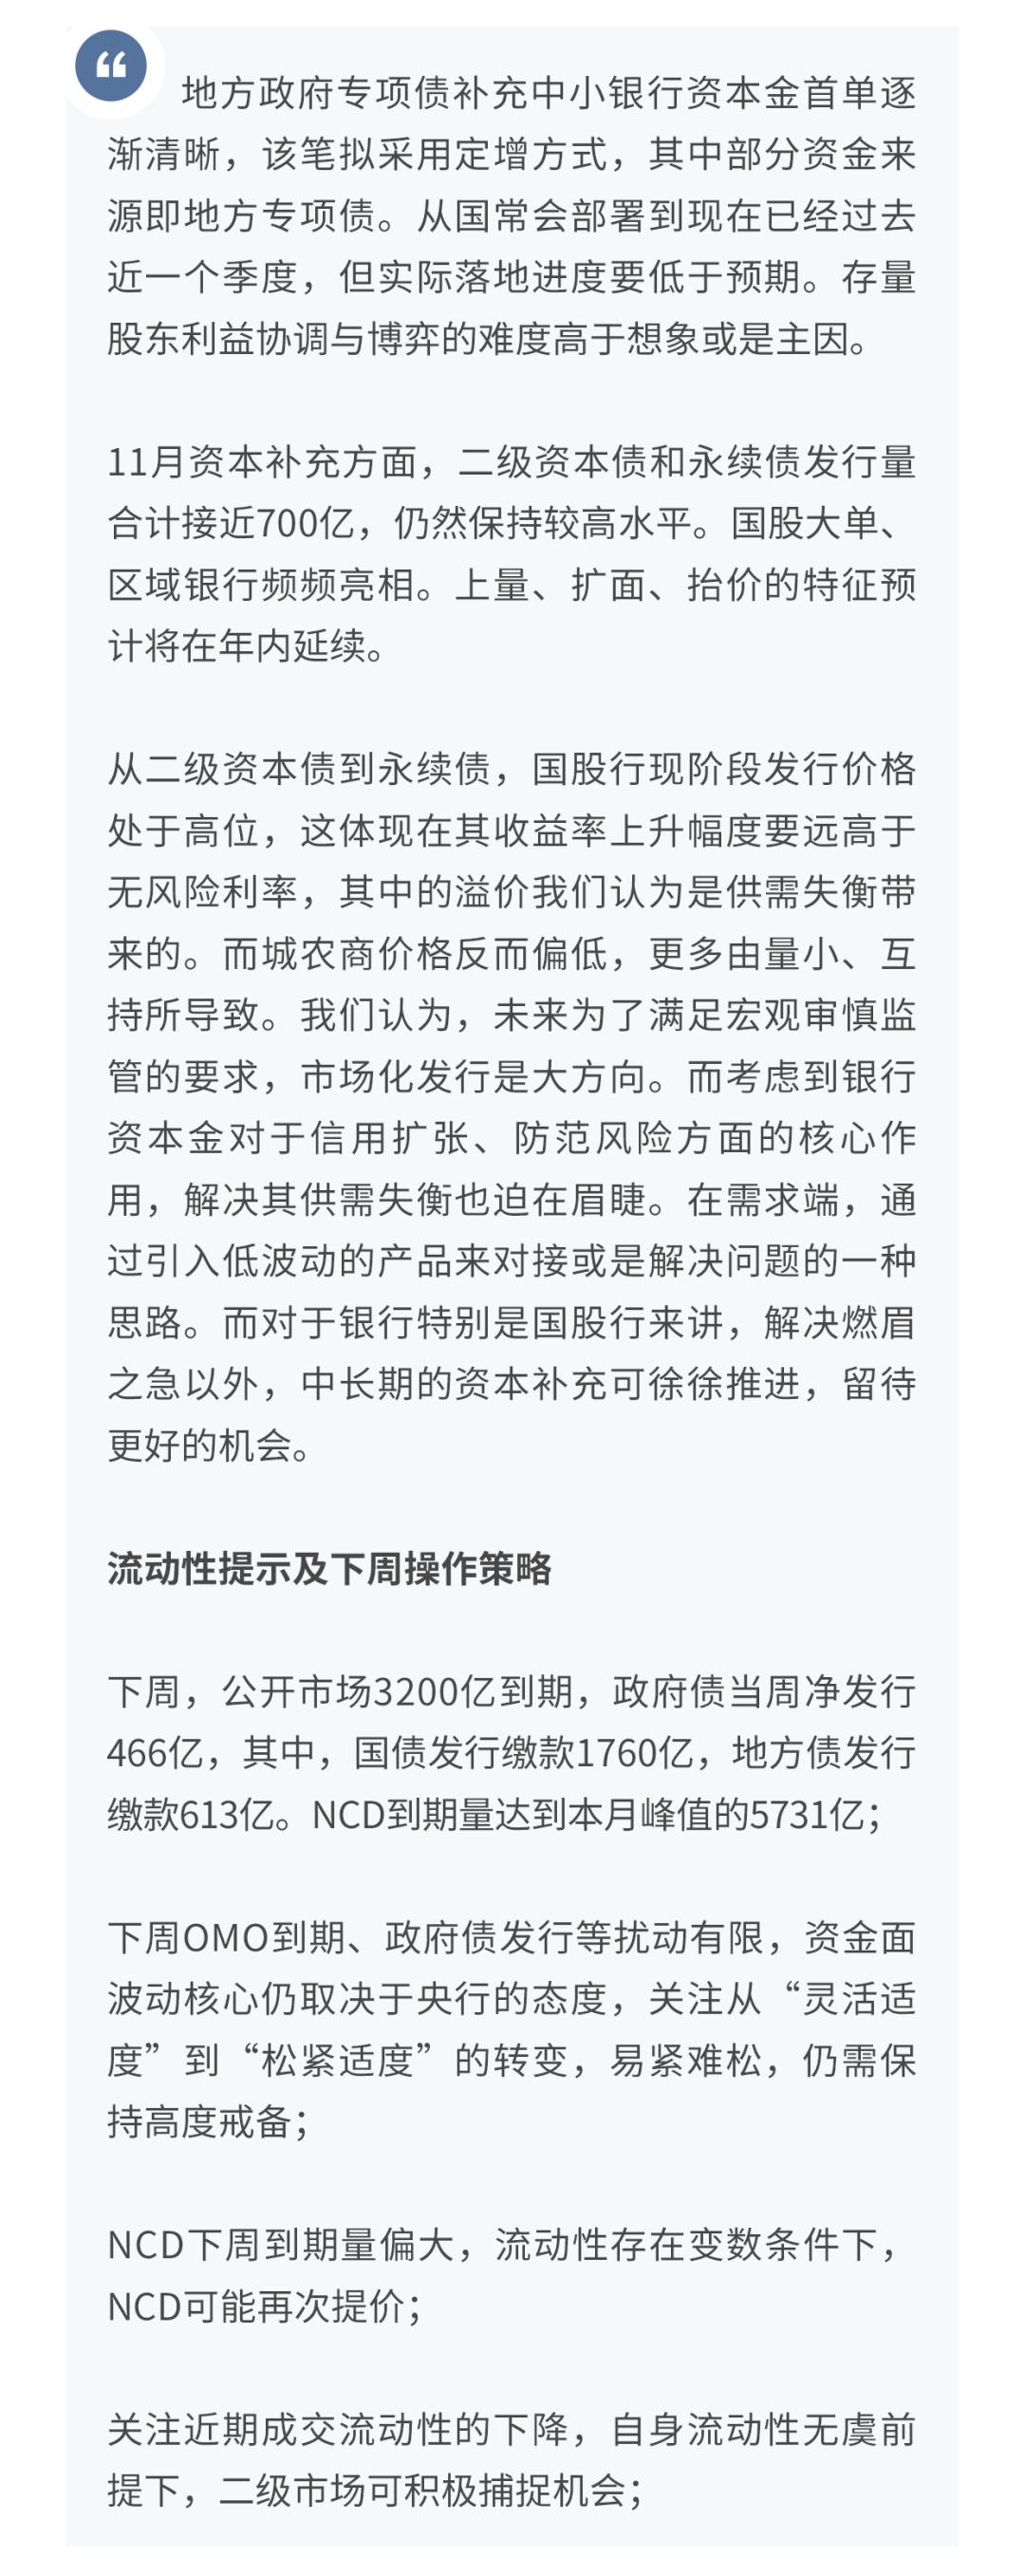 【策略】【策略研究】司库策略谈第172期:2020年10月银行资本补充回顾